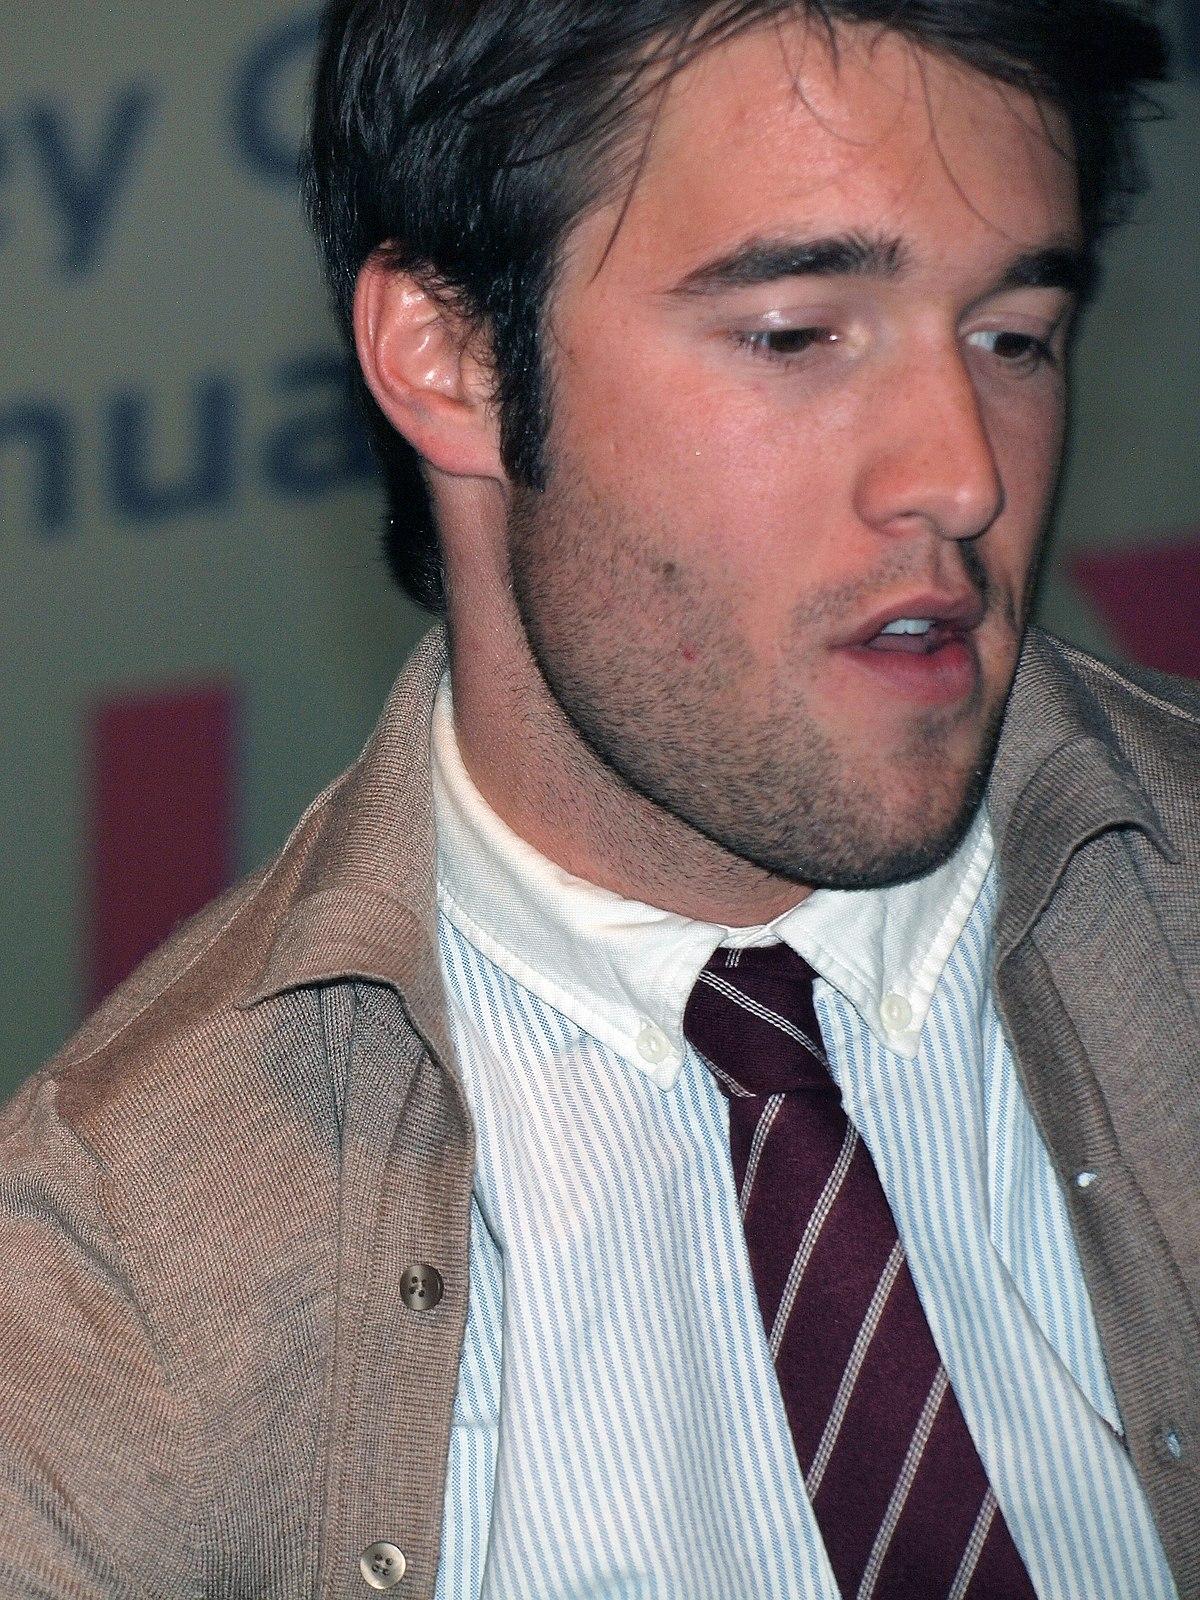 Josh Bowman